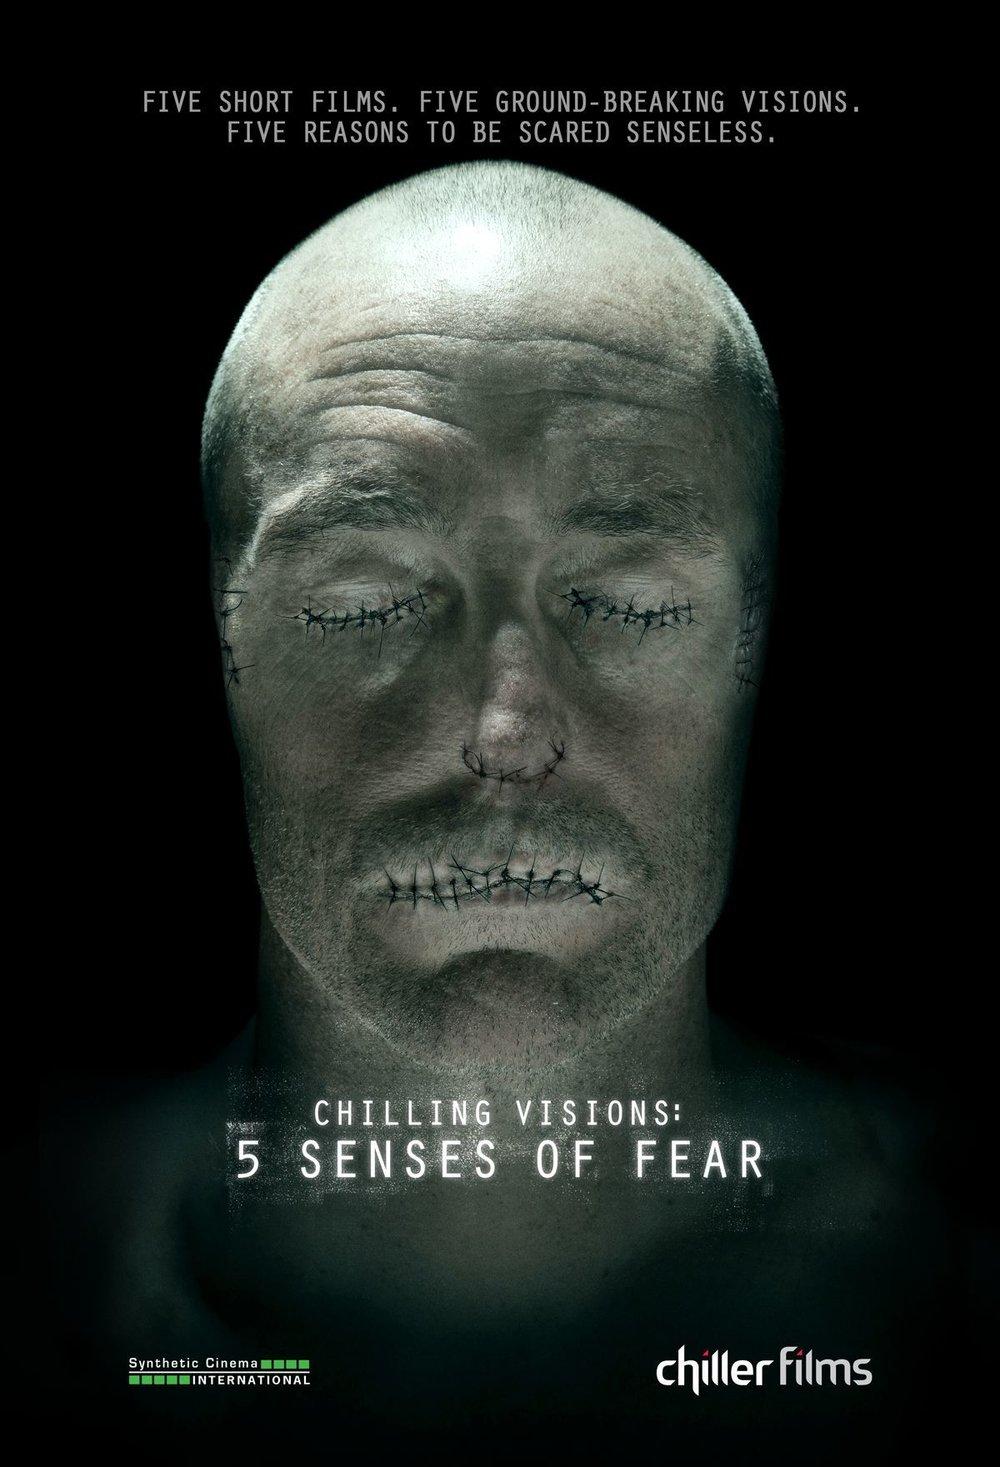 5-senses-of-fear-poster.jpg